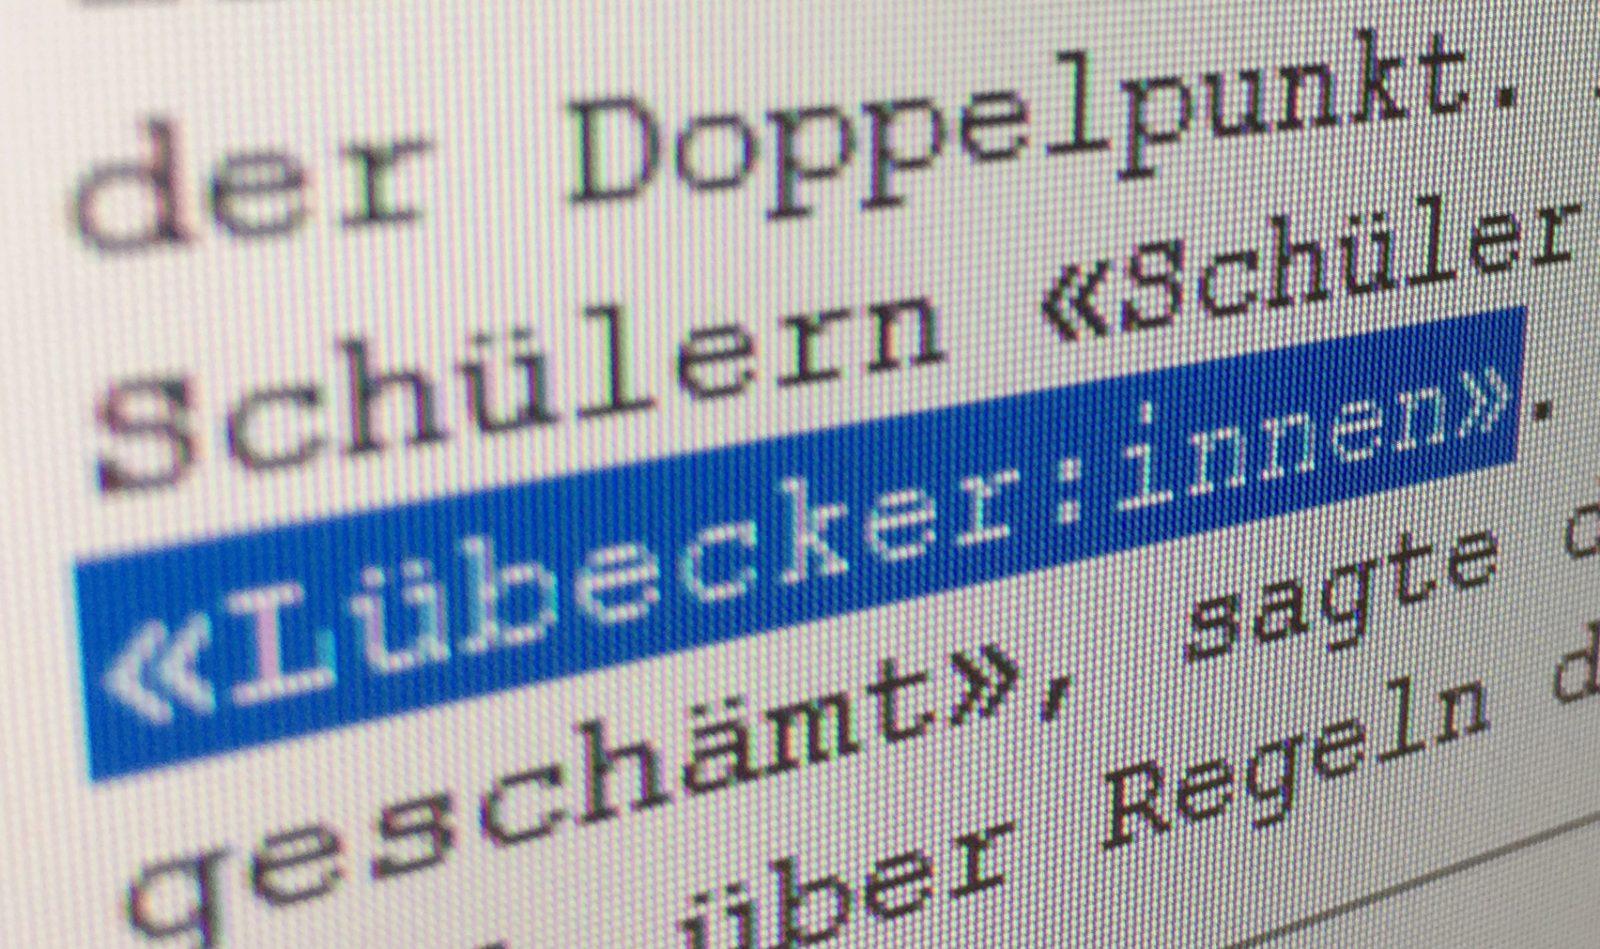 Lübeck ordnet Doppelpunkt für geschlechtsneutrale Sprache an